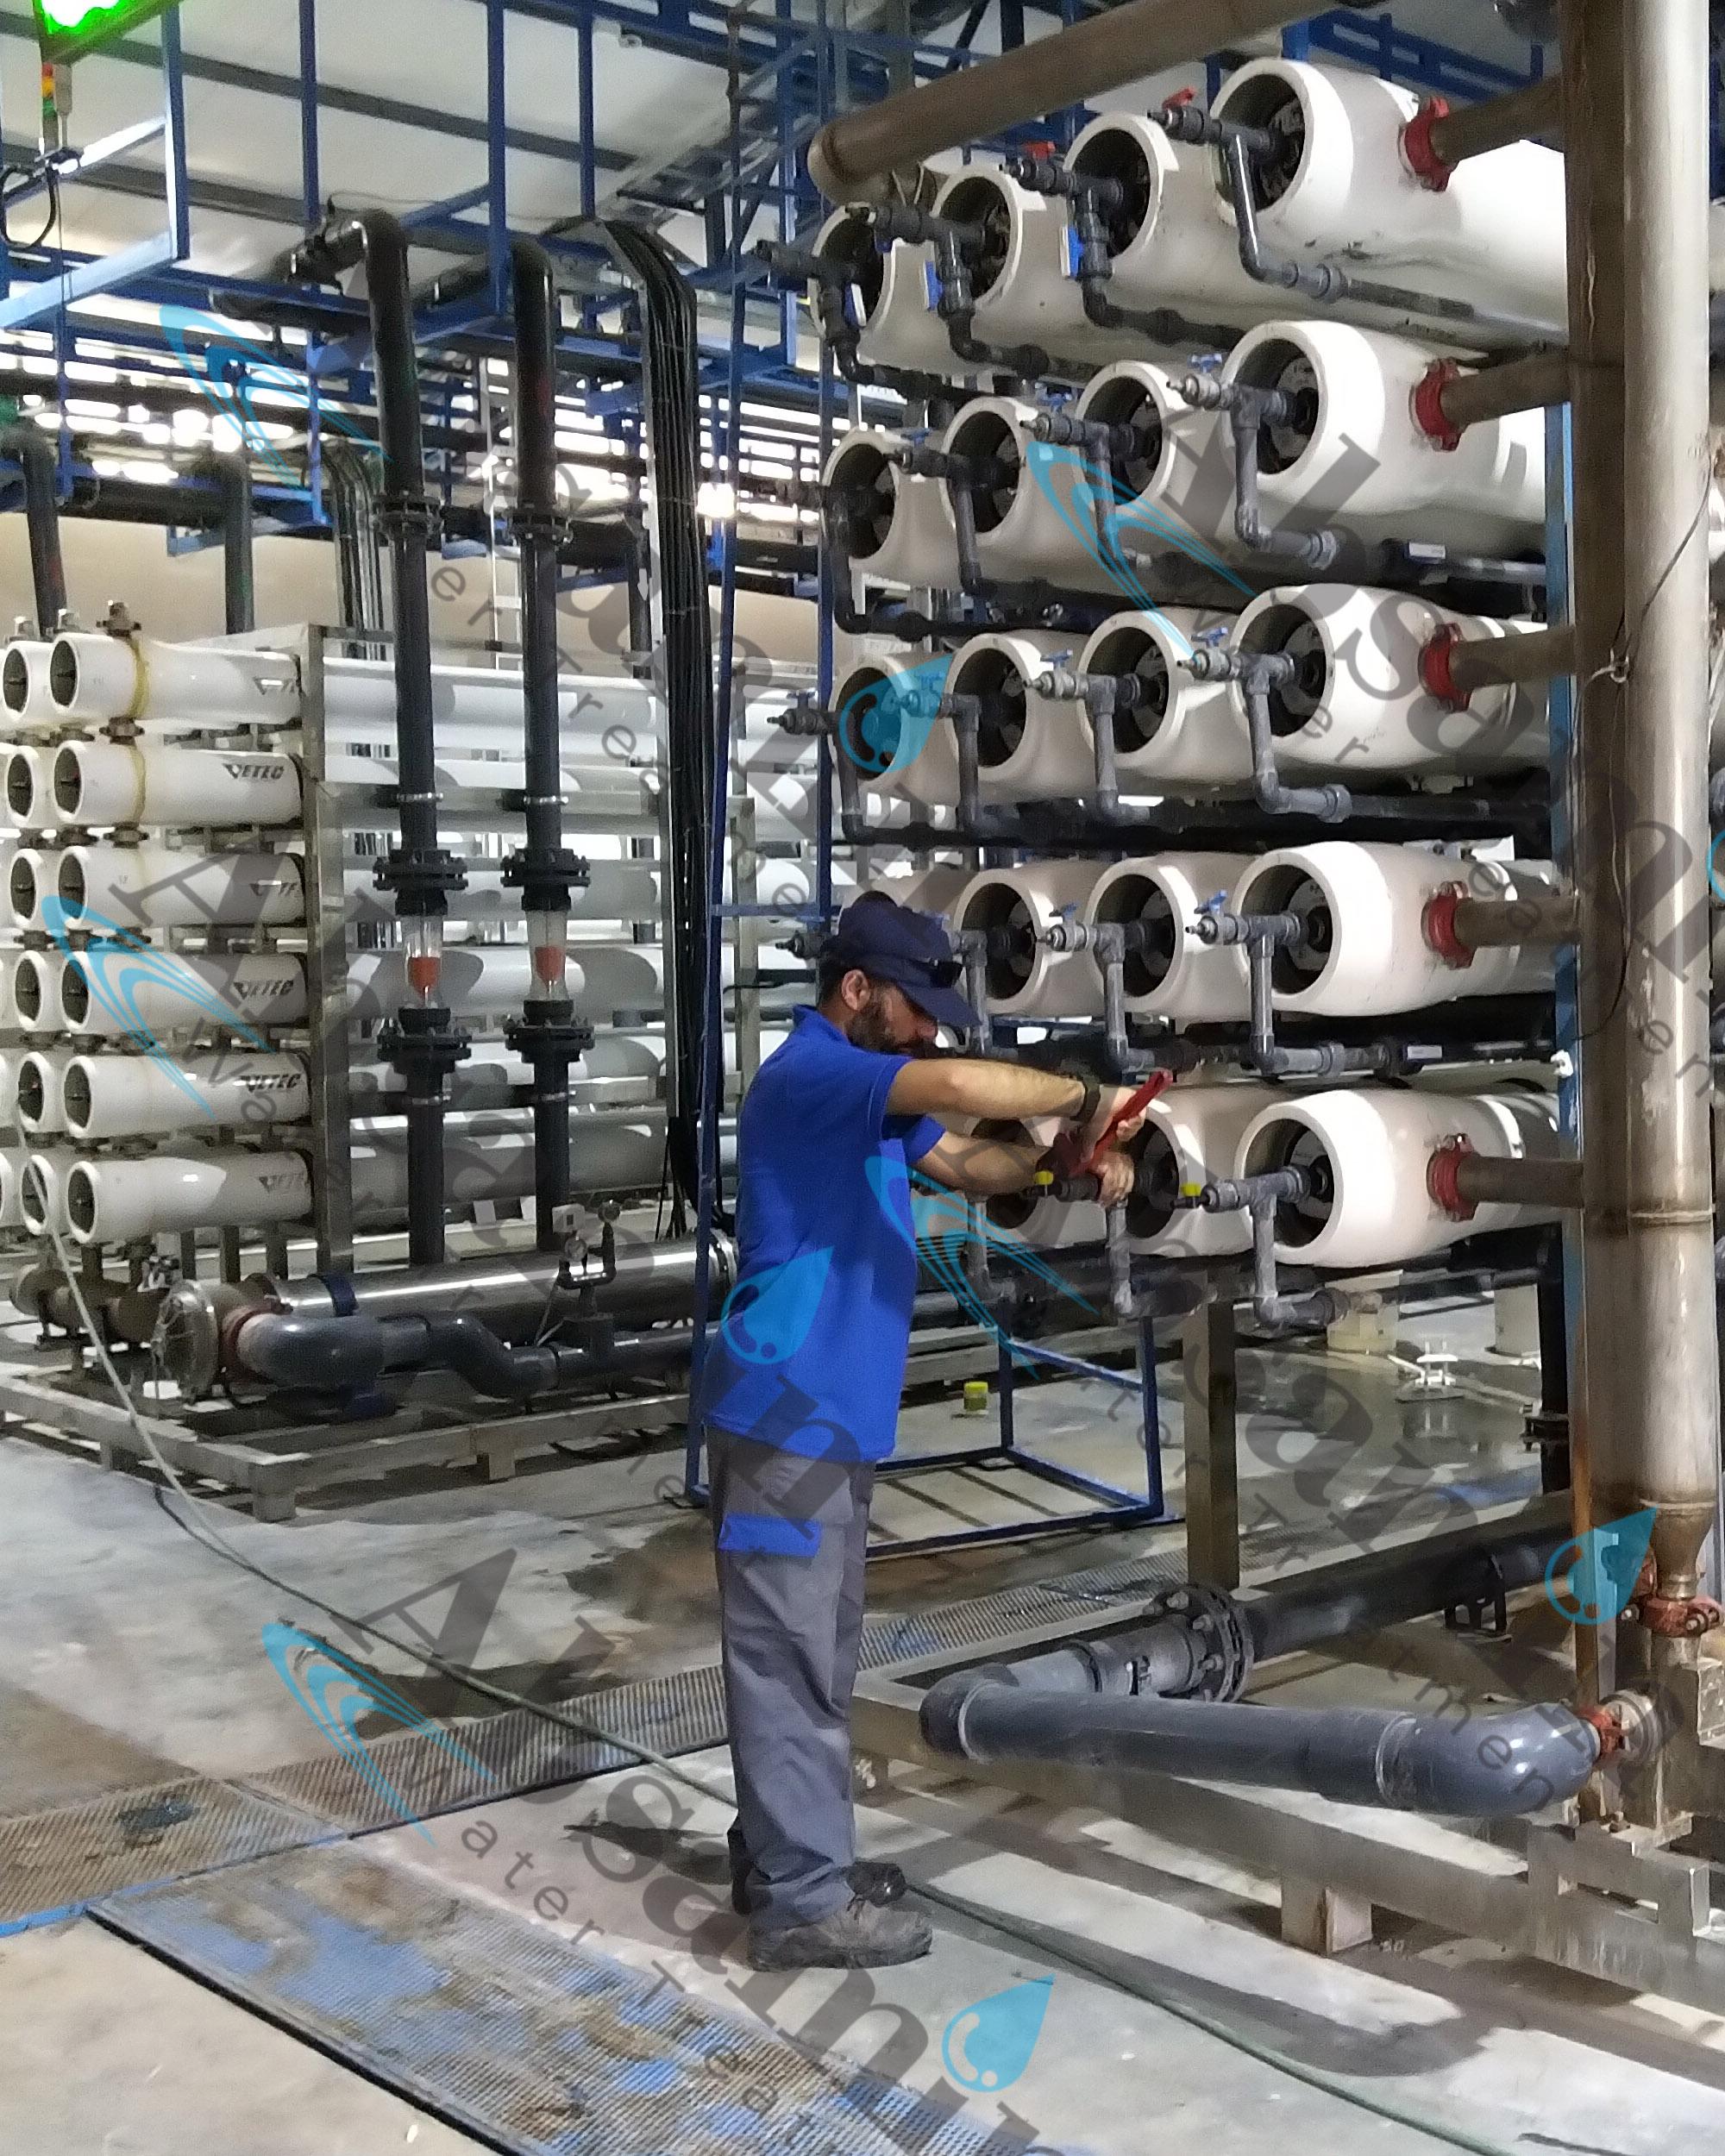 راهبری دستگاههای تصفیه آب صنعتی آب ثمین.jpg3